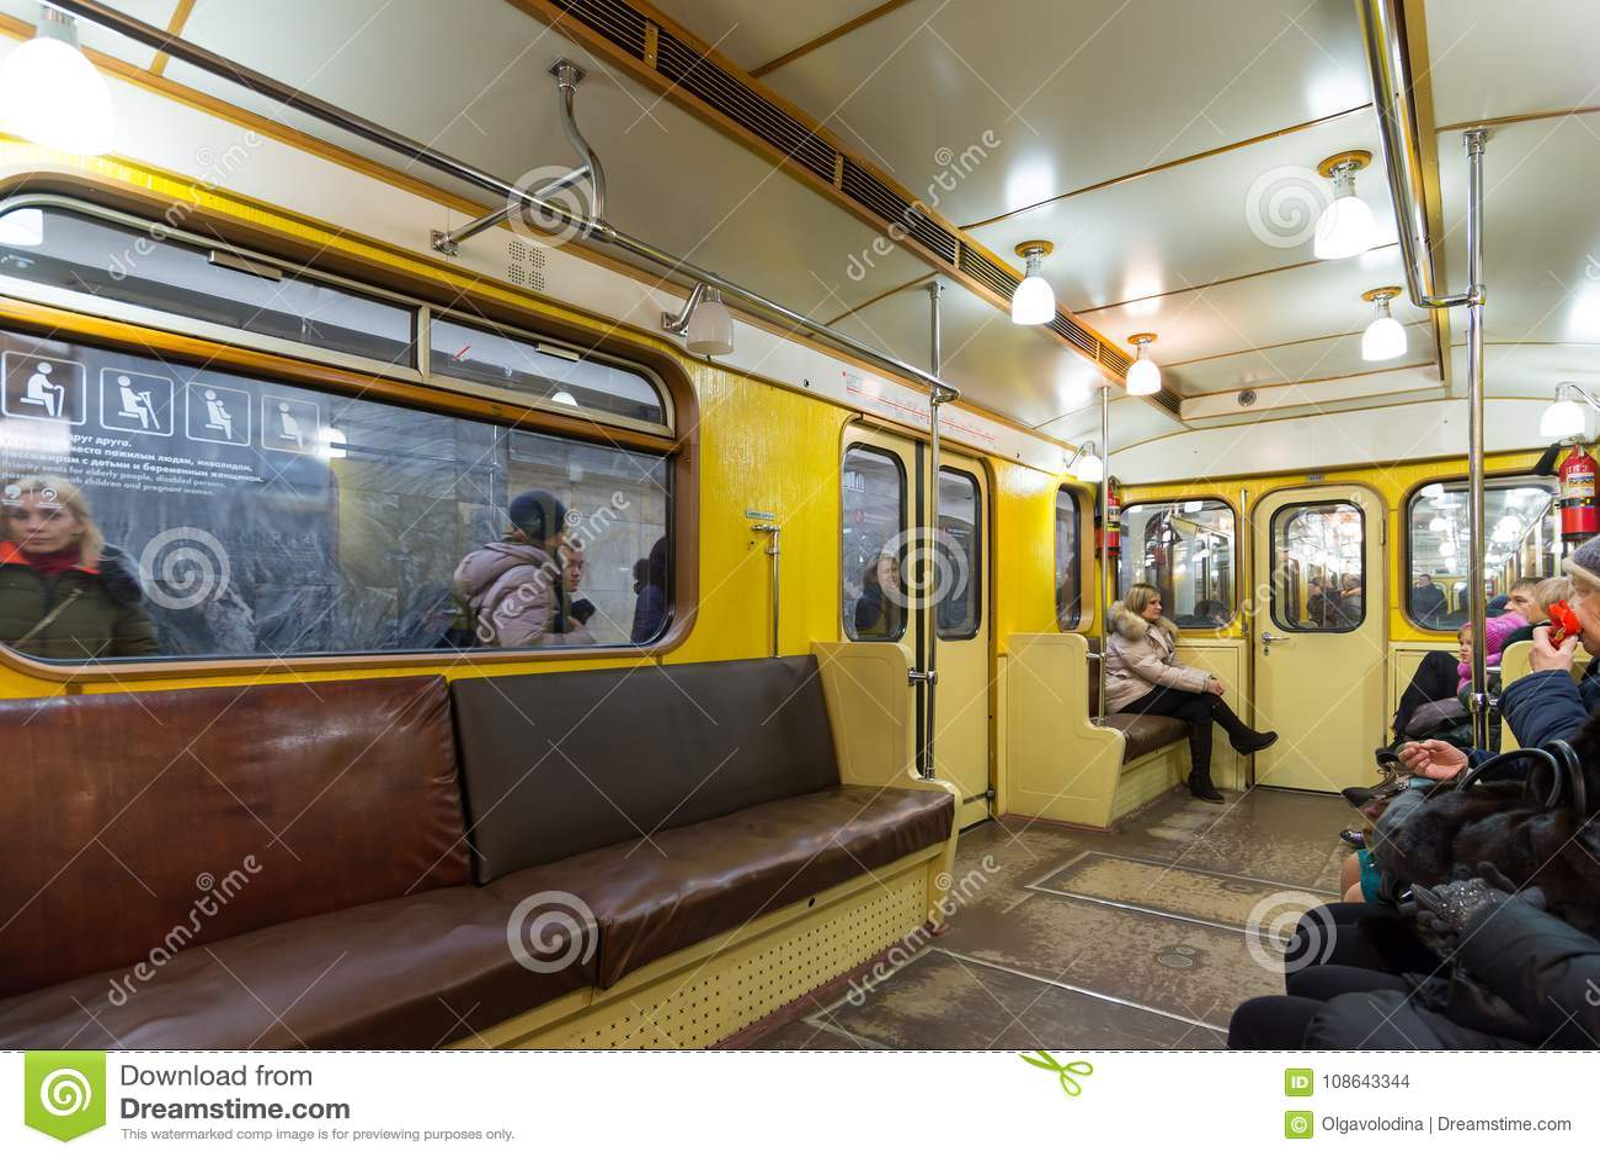 MOSKAU, RUSSLAND - 10. Januar 2018 Alter Zug von Zeiten von UDSSR an der Metrostation Okhotny Ryad